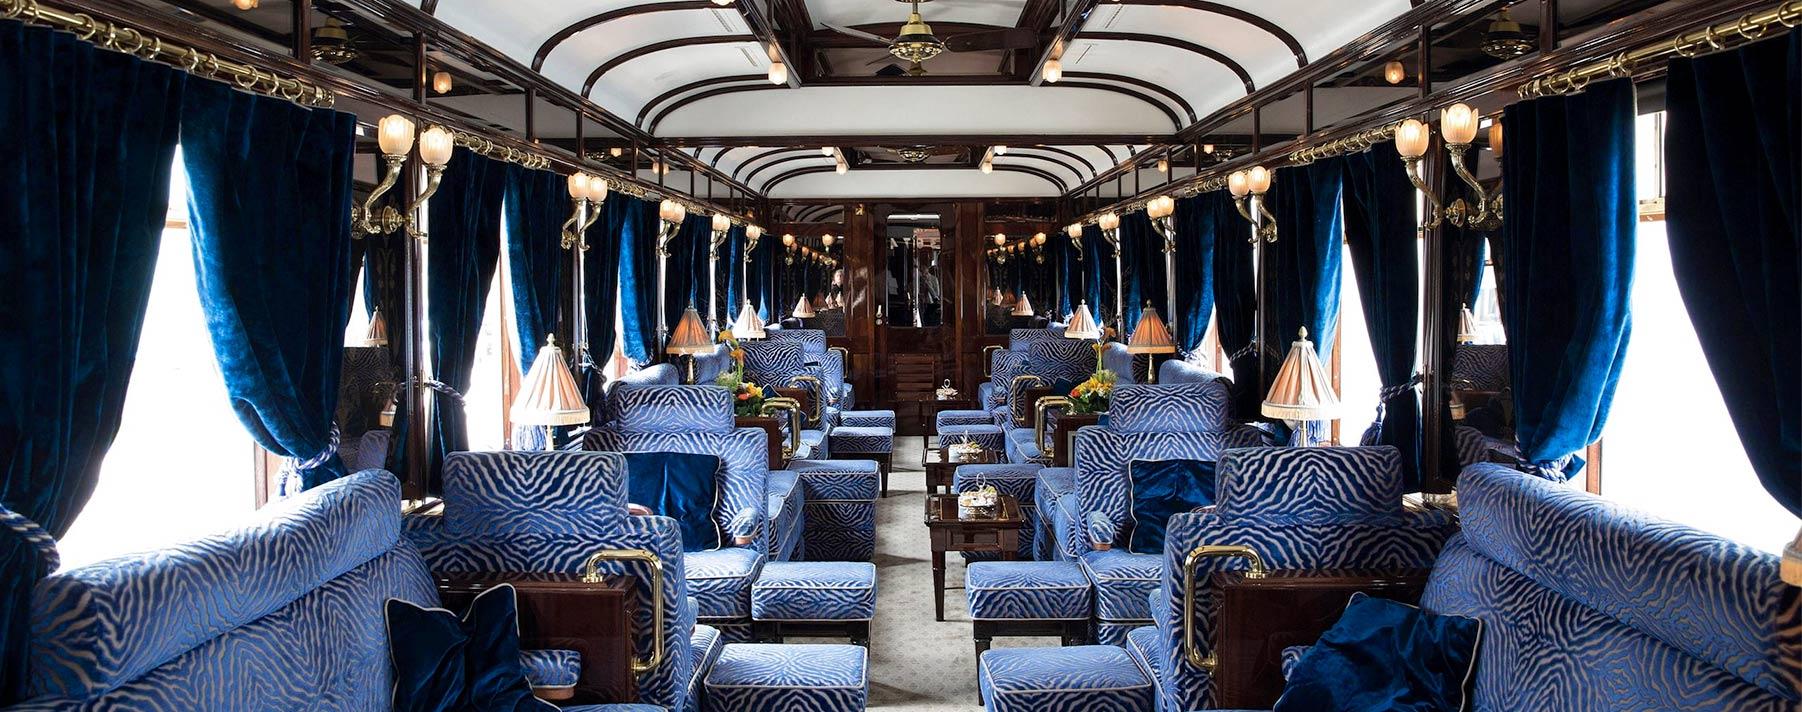 Todo el glamour de los años 20 puede revivirse en el Venice Simplon Orient Express, que visita ciudades del Reino Unido, Francia e Italia.